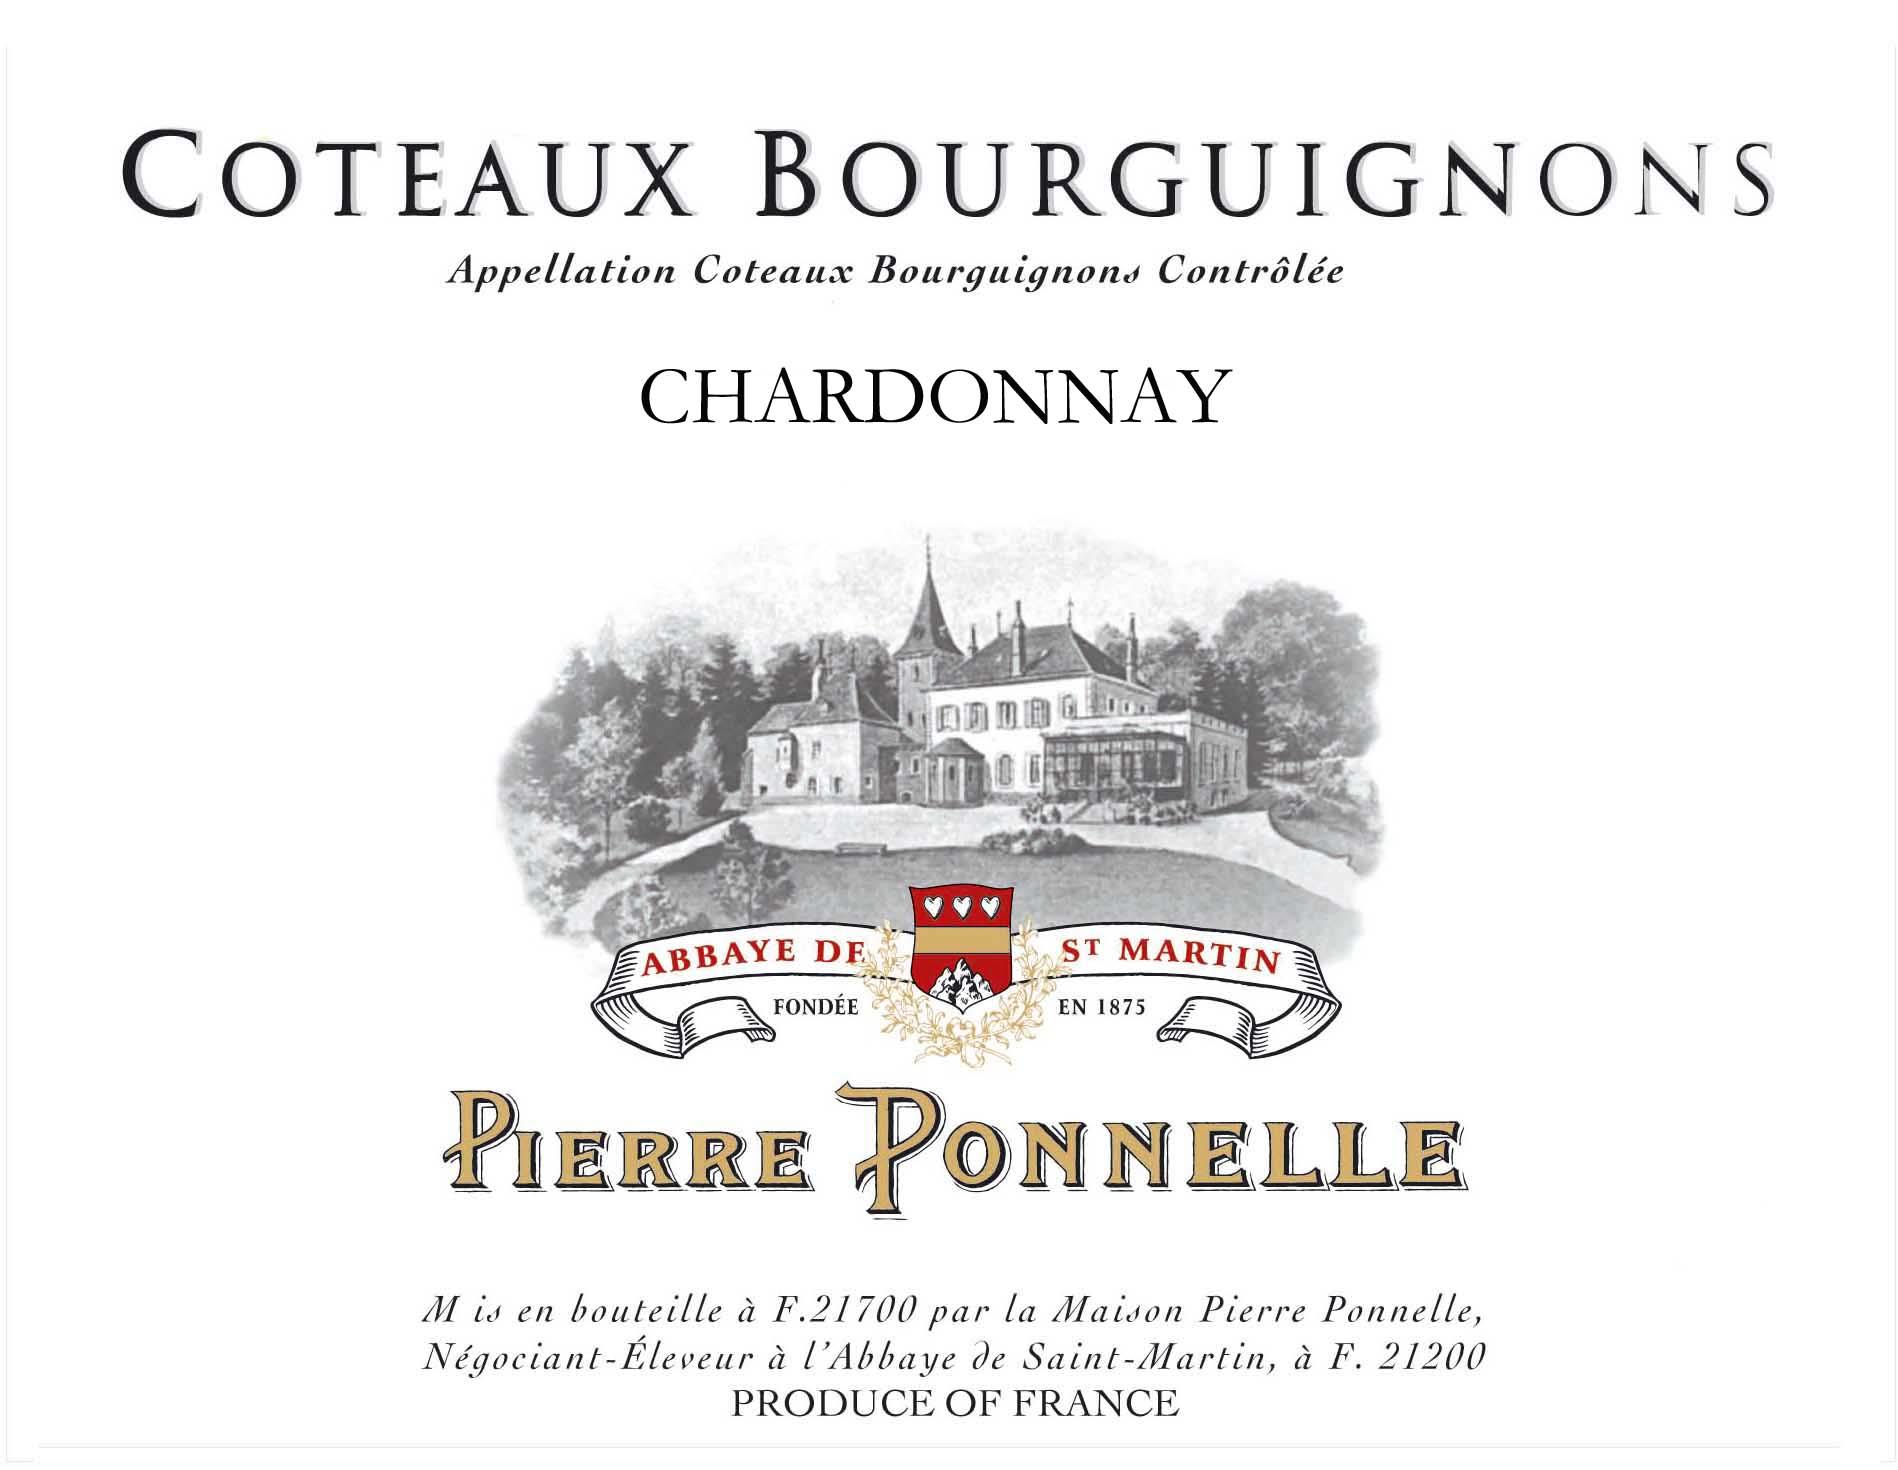 Côteaux Bourguignon Chardonnay